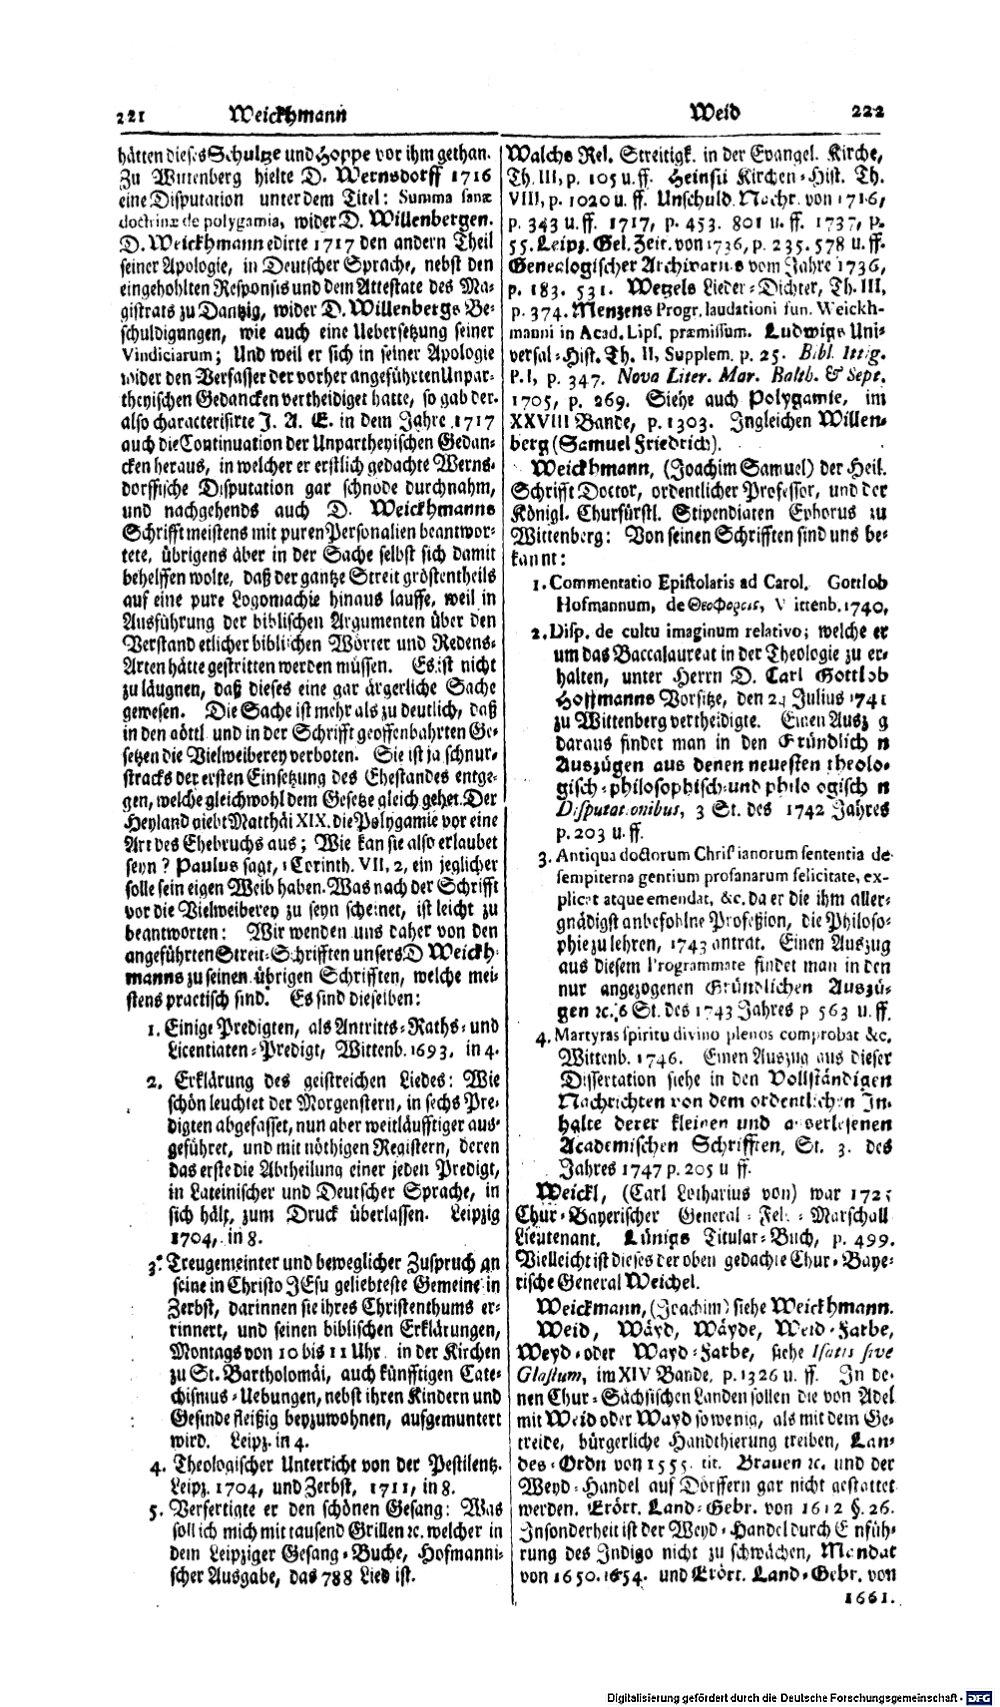 Bd. 54, Seite 0124.